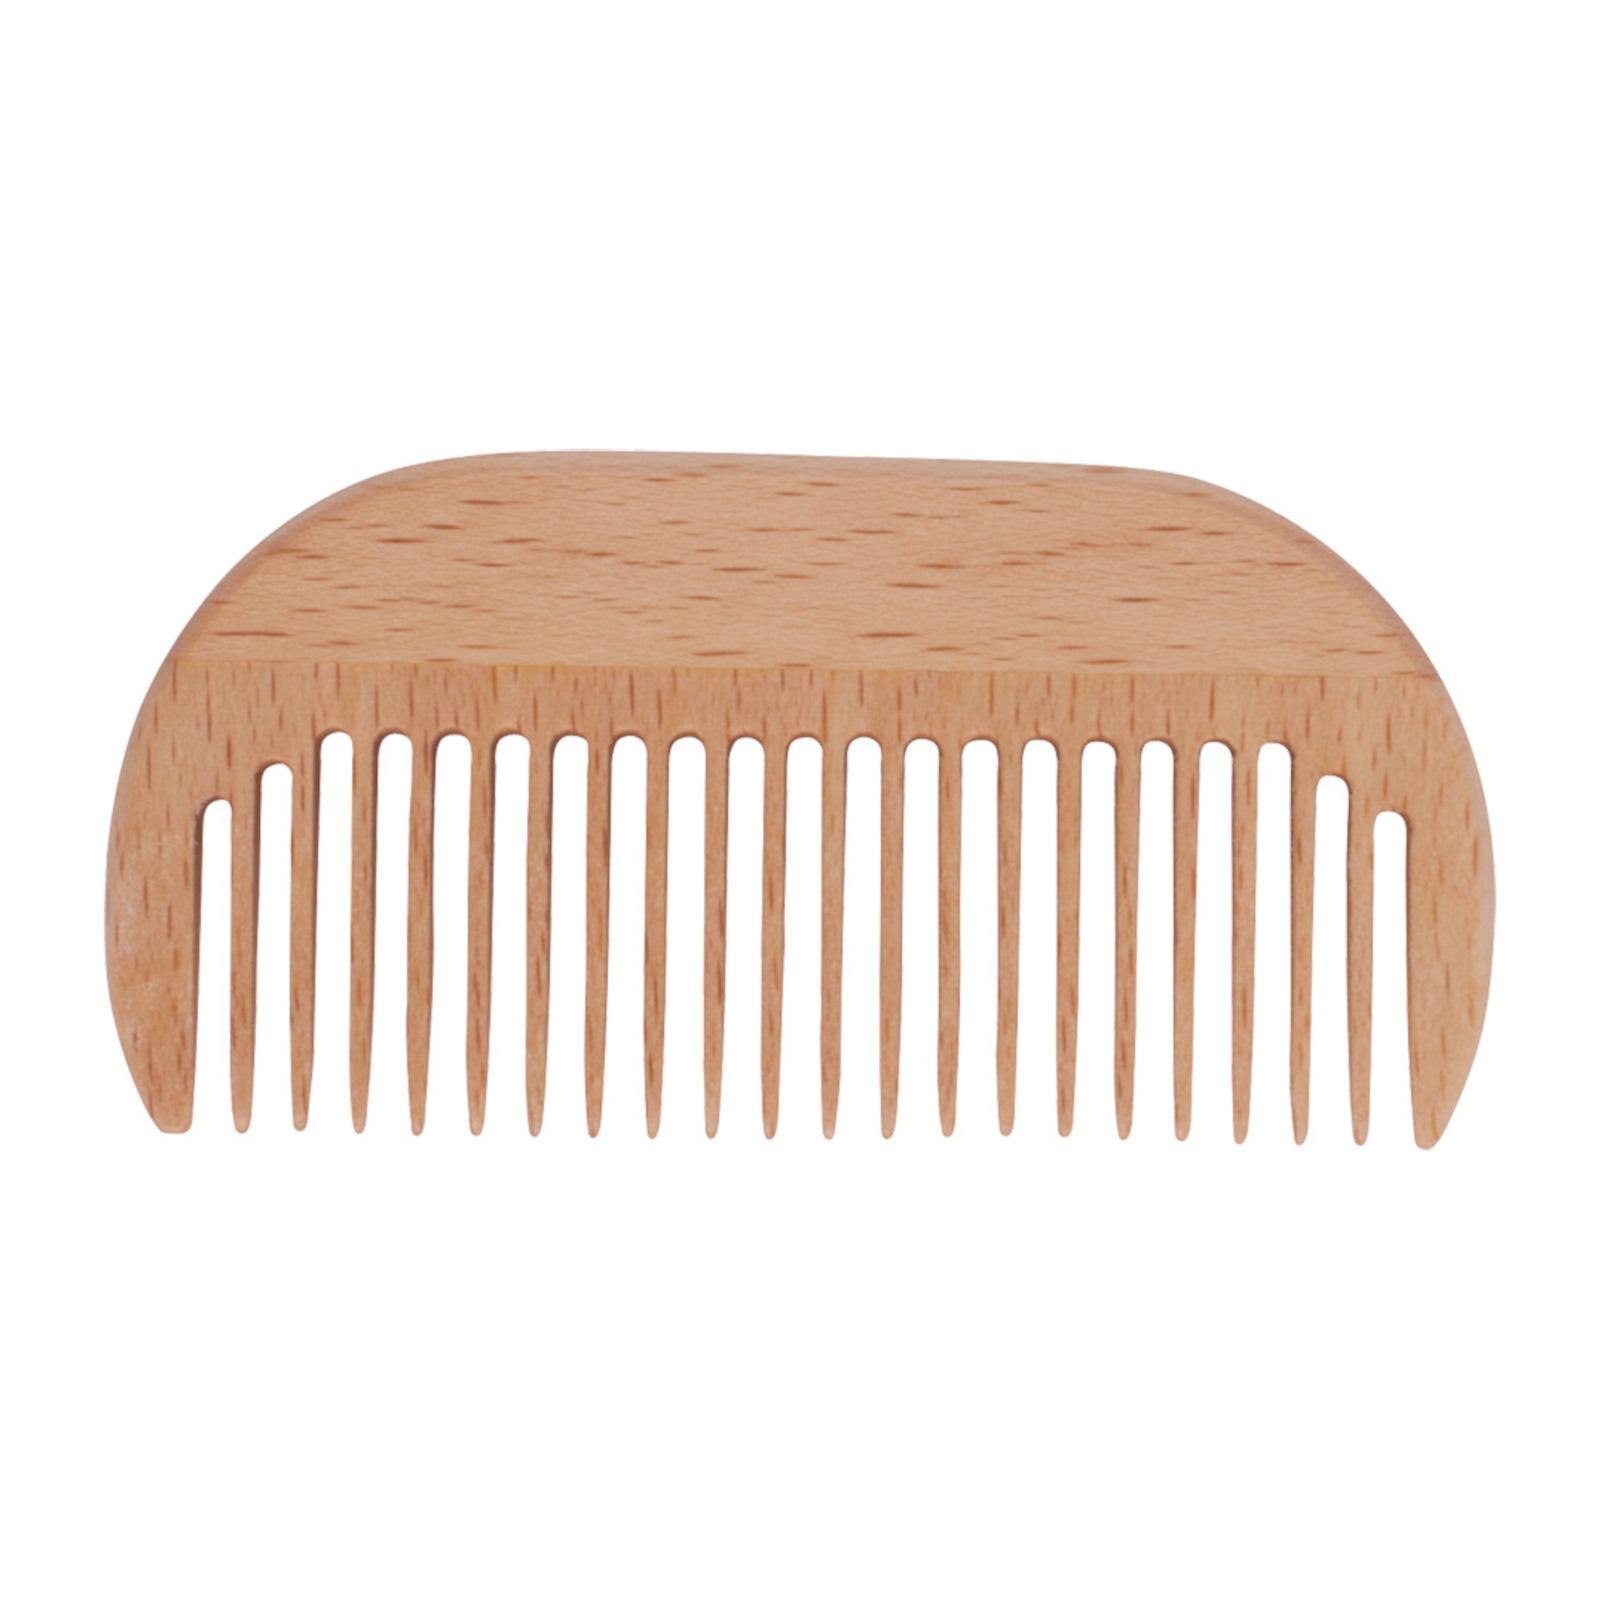 Redecker Kapesní hřeben z bukového dřeva Afro Comb 9 cm